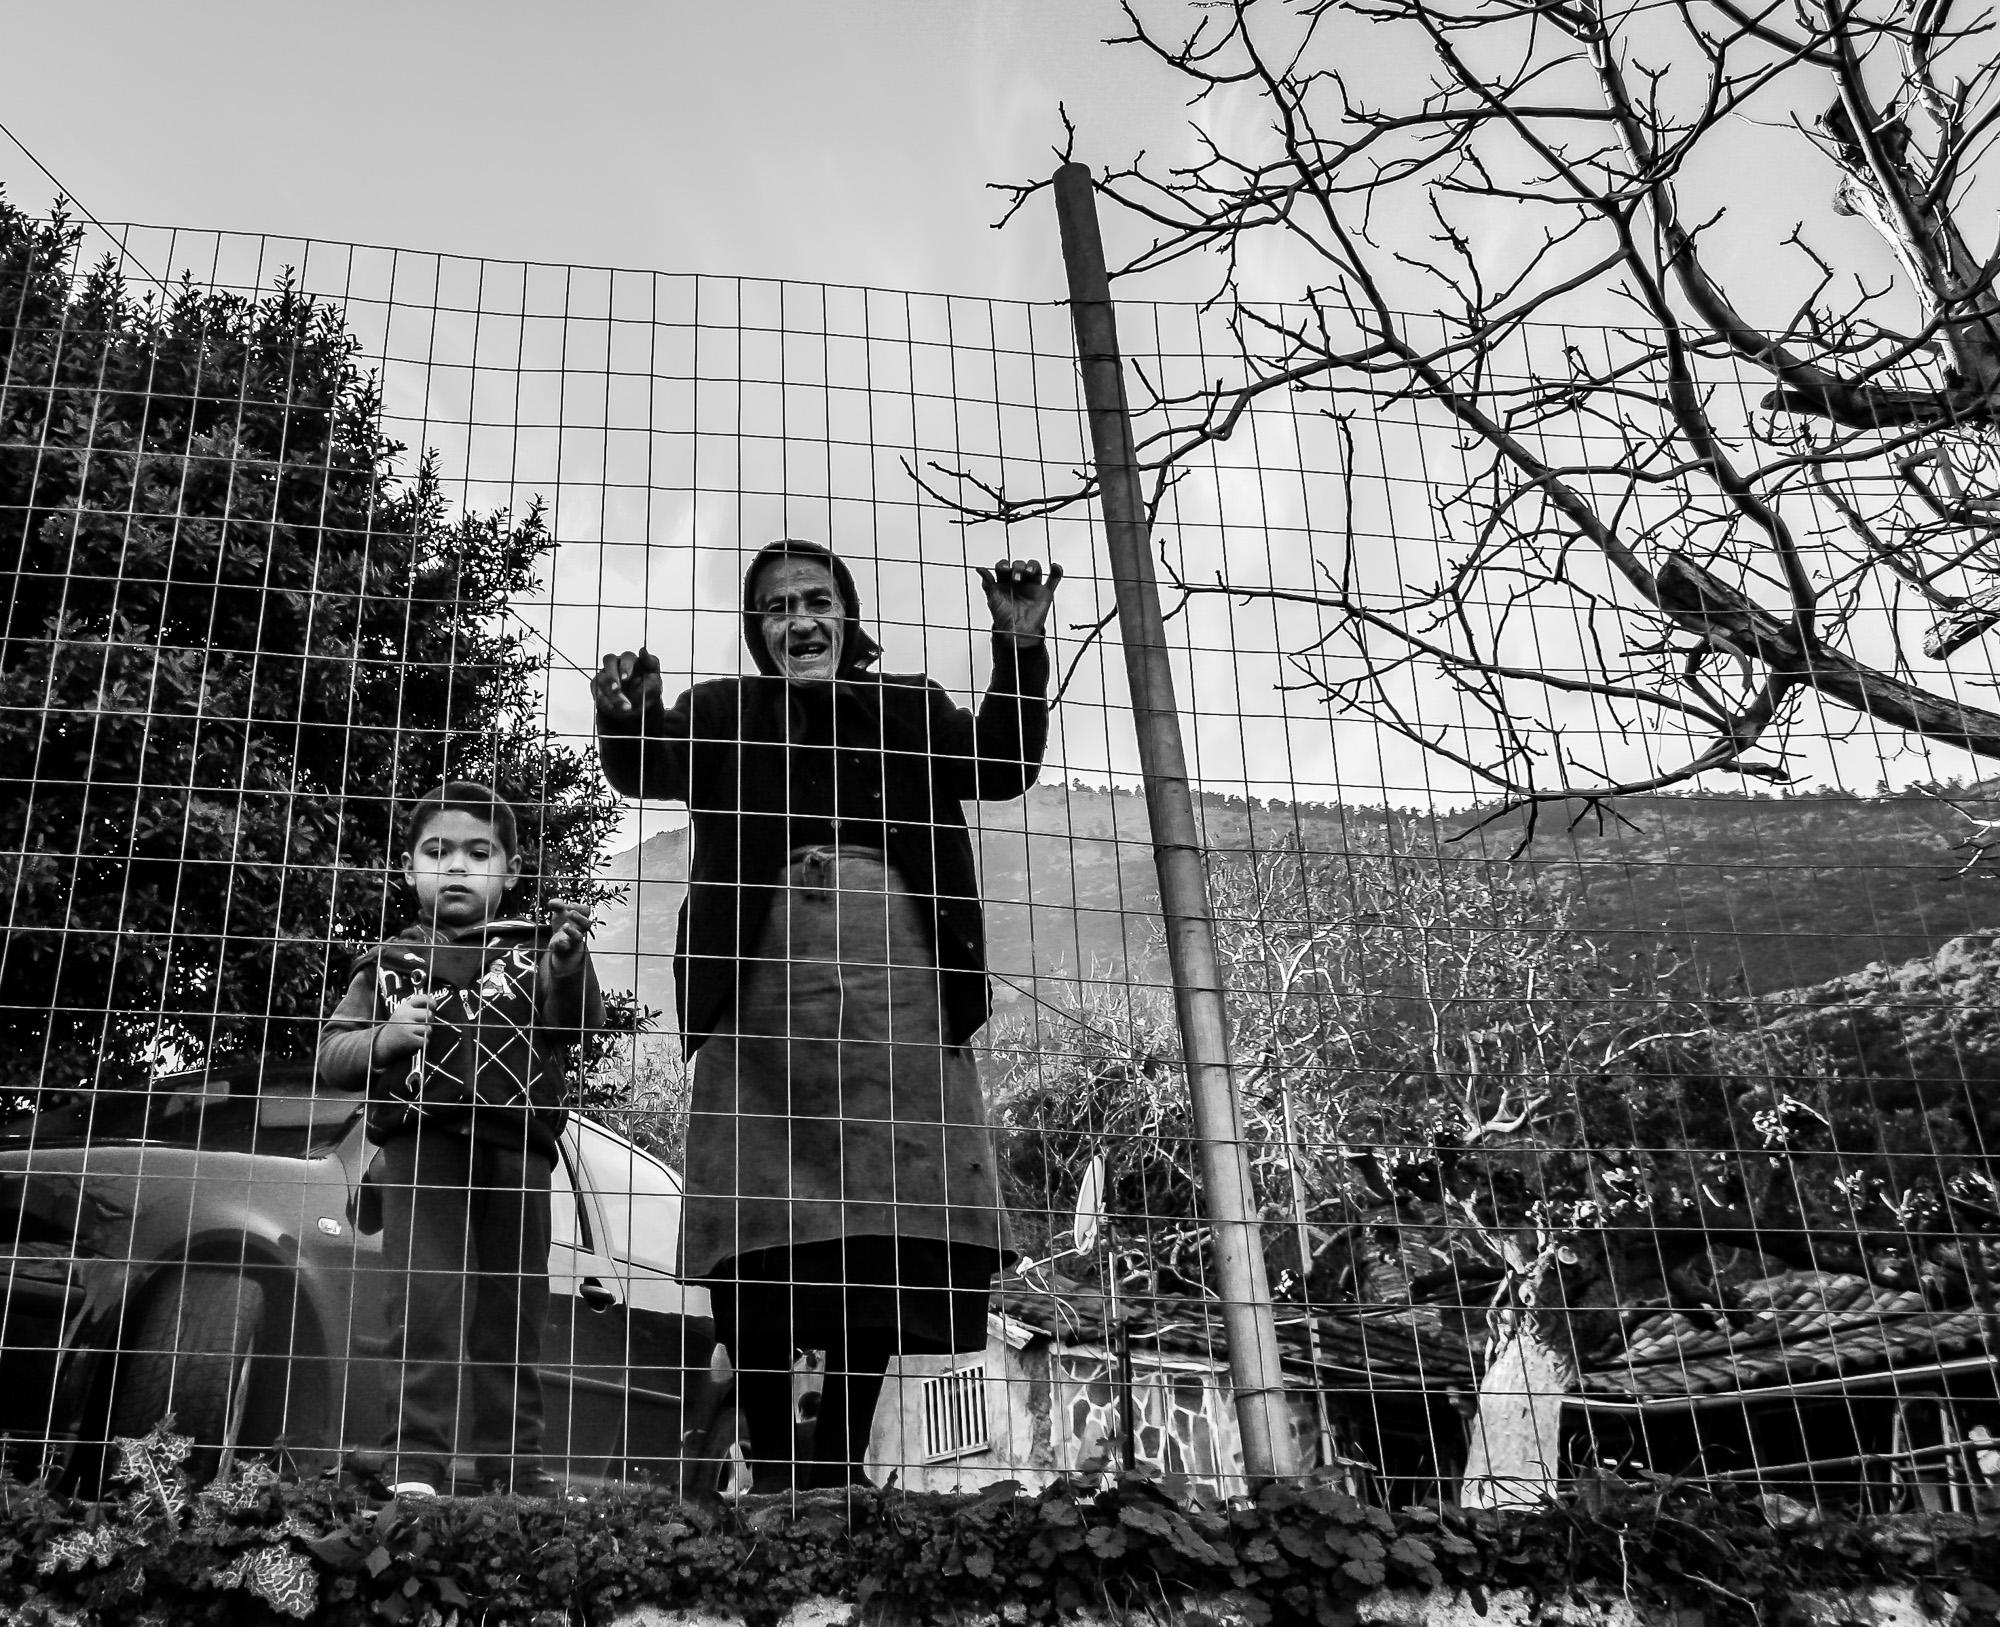 Πώς αποτυπώνεται στα ανθρώπινα πρόσωπα της ελληνικής επαρχίας η ωριμότητα, το μαρτύριο της μοναξιάς, η οικειότητα, η δύναμη της ελπίδας και, εντέλει, η αγάπη; Πώς γίνεται τα ίδια σκληρά πρόσωπα ν' αποπνέουν τόση ευαισθησία;